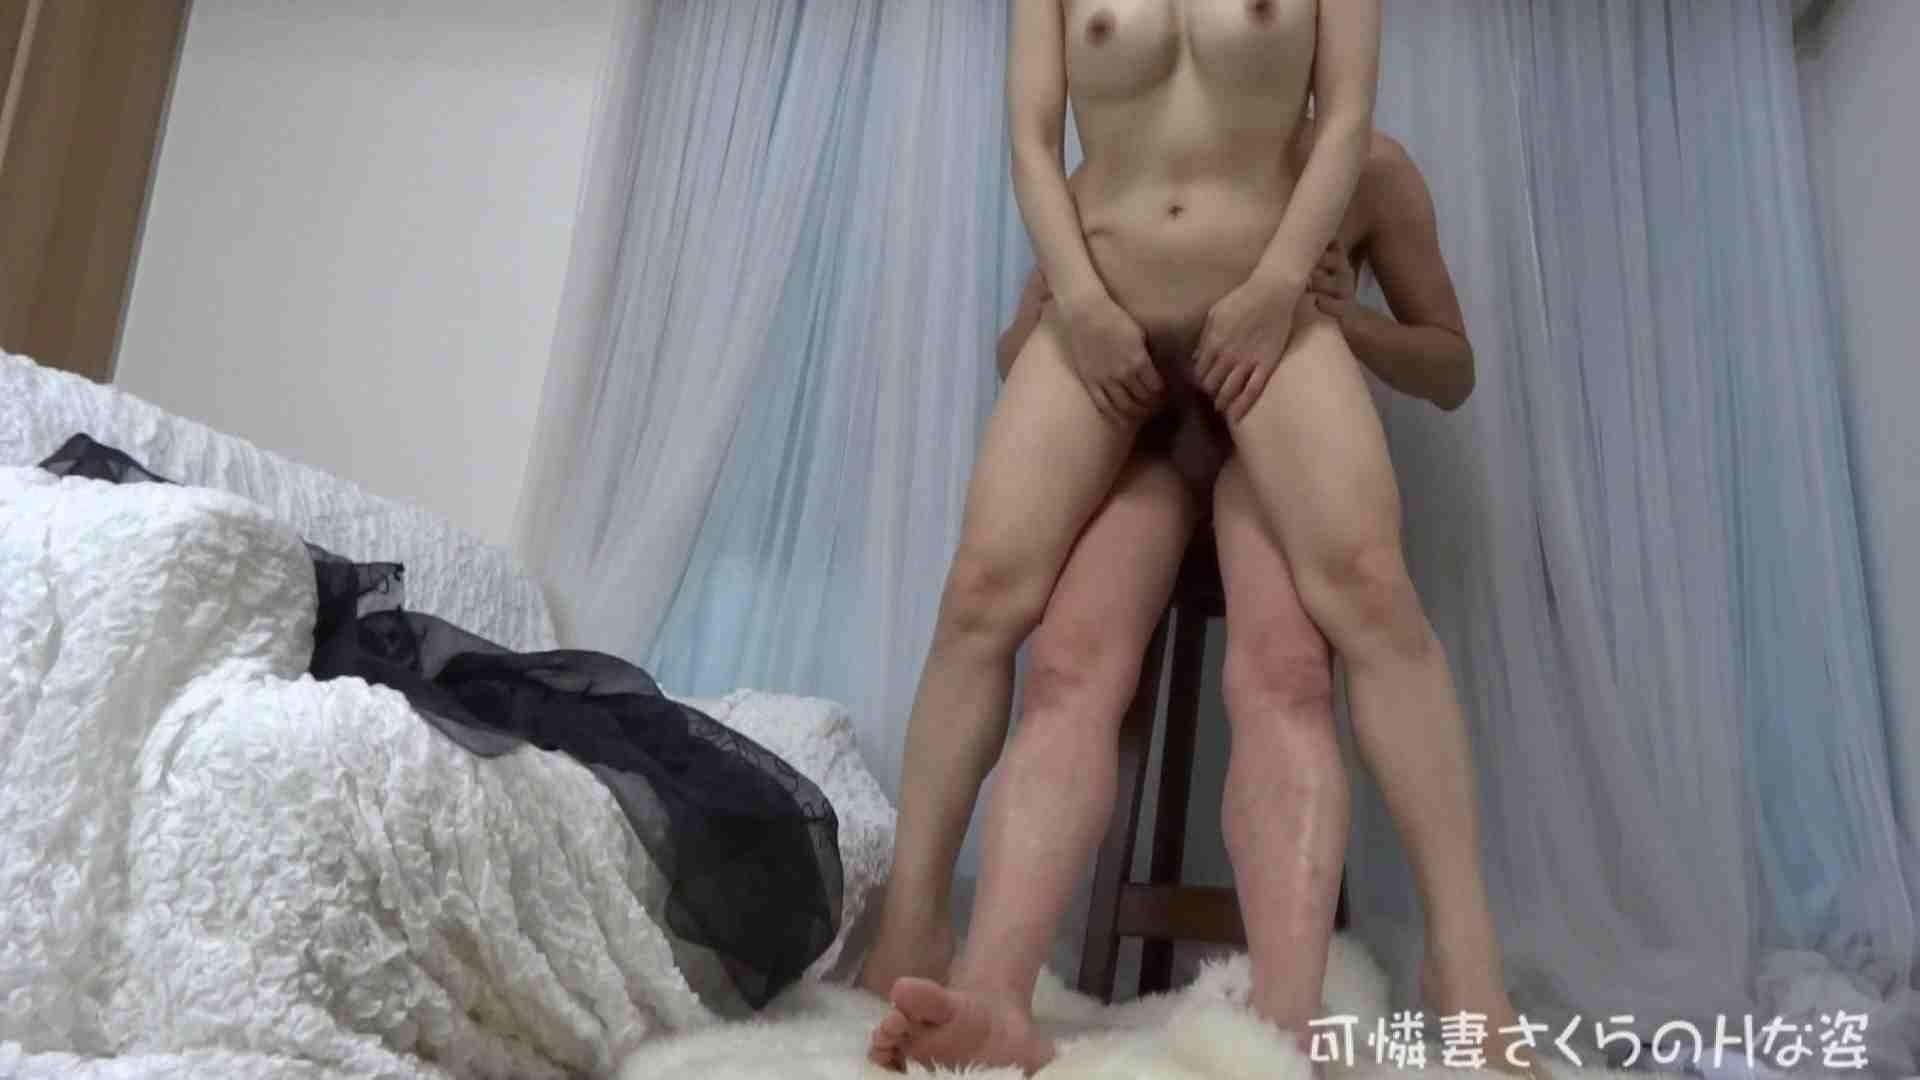 可憐妻さくらのHな姿vol.29 マンコ特集 | 電マ  38連発 26